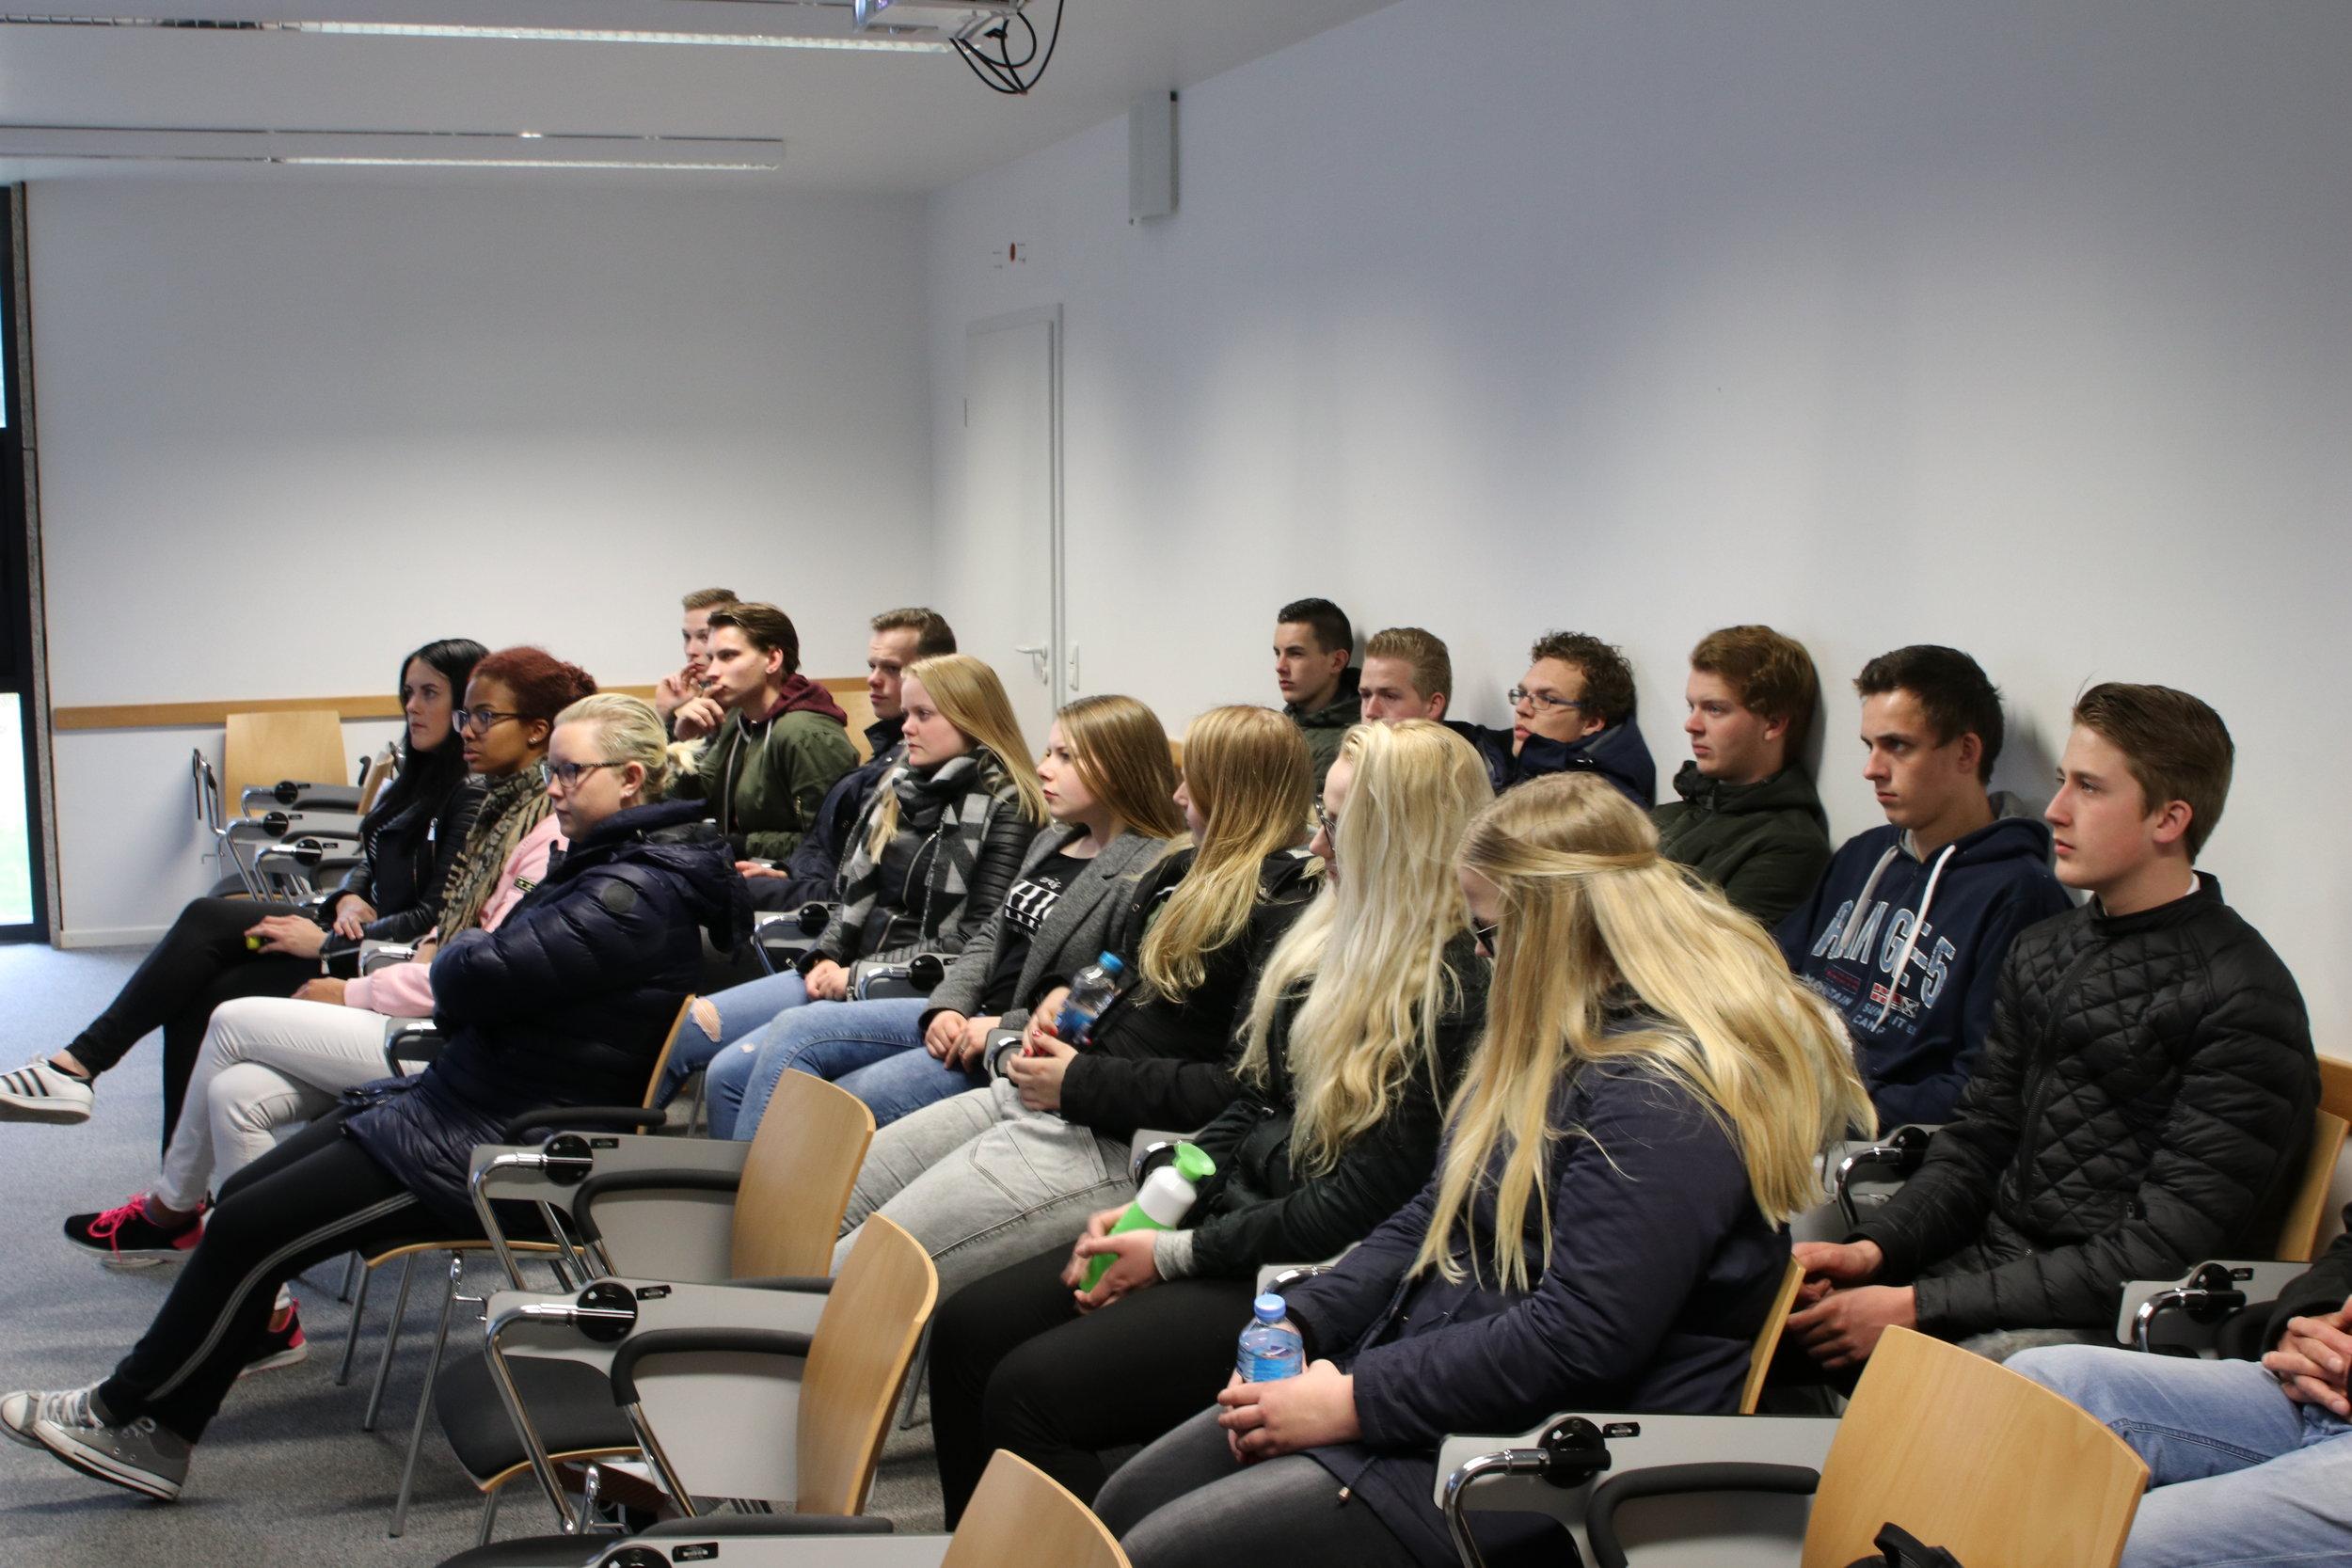 De studenten ontvangen in kleine groepjes een presentatie over de geschiedenis van het kamp.